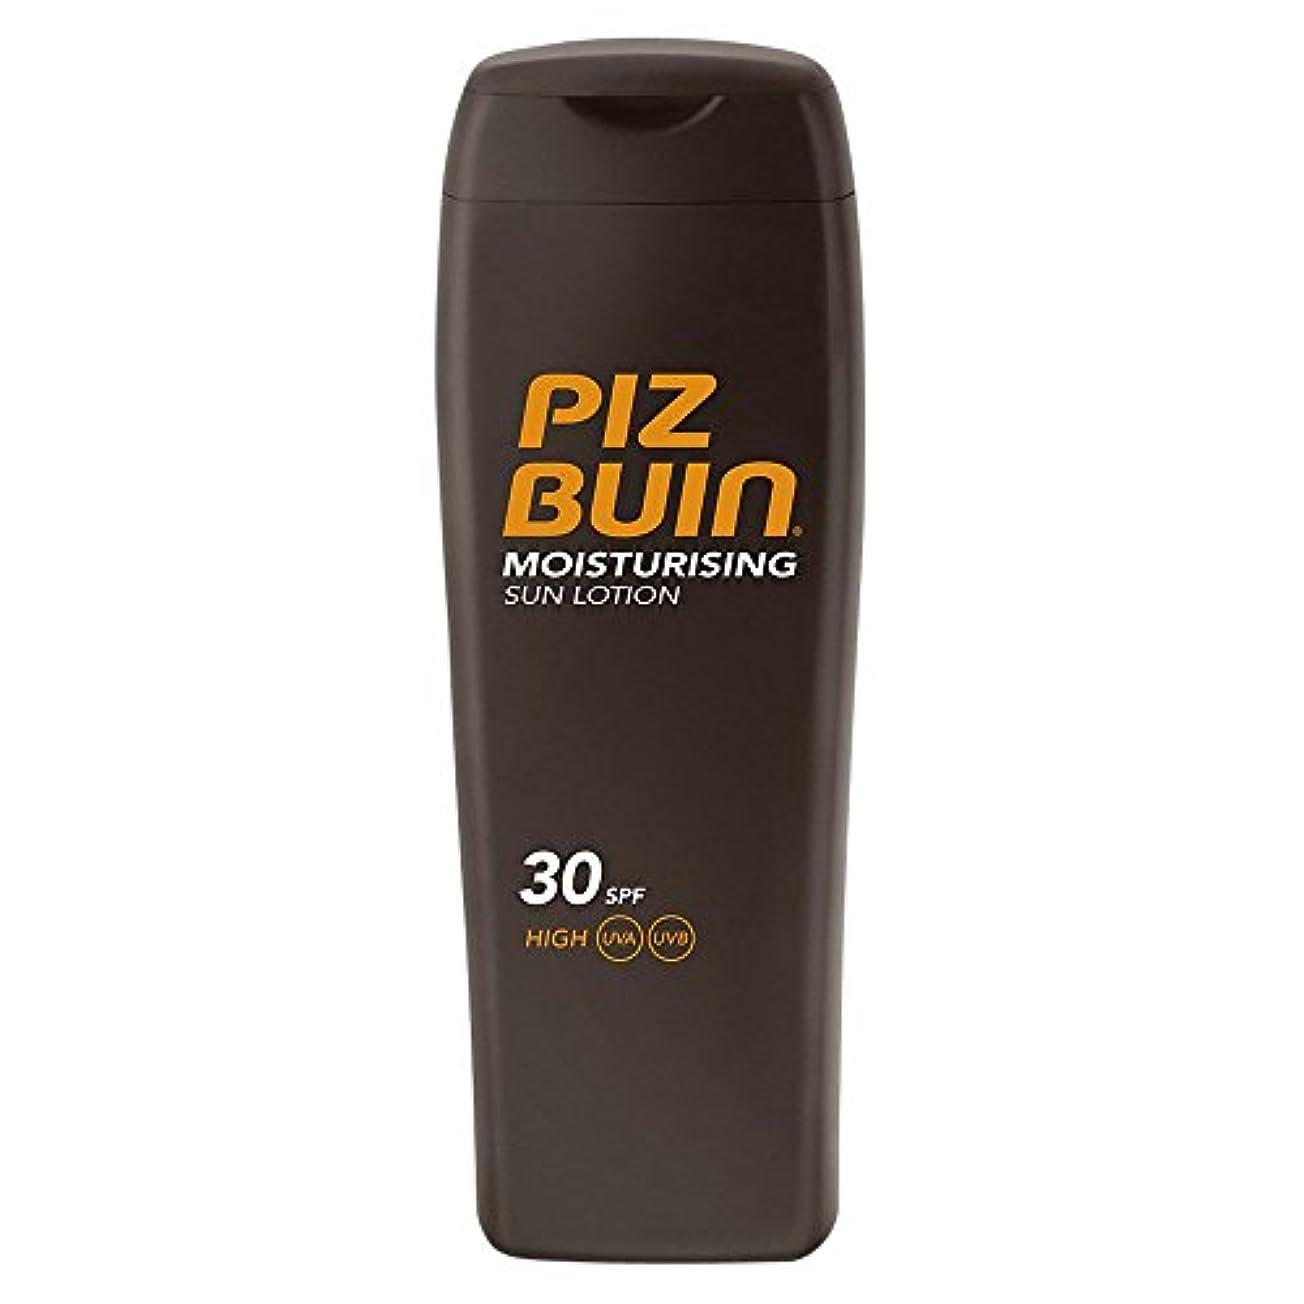 暗記する有益乱すピッツブイン保湿Spf30日焼けローション200ミリリットル (Piz Buin) (x2) - Piz Buin Moisturising SPF30 Sun Lotion 200ml (Pack of 2) [並行輸入品]